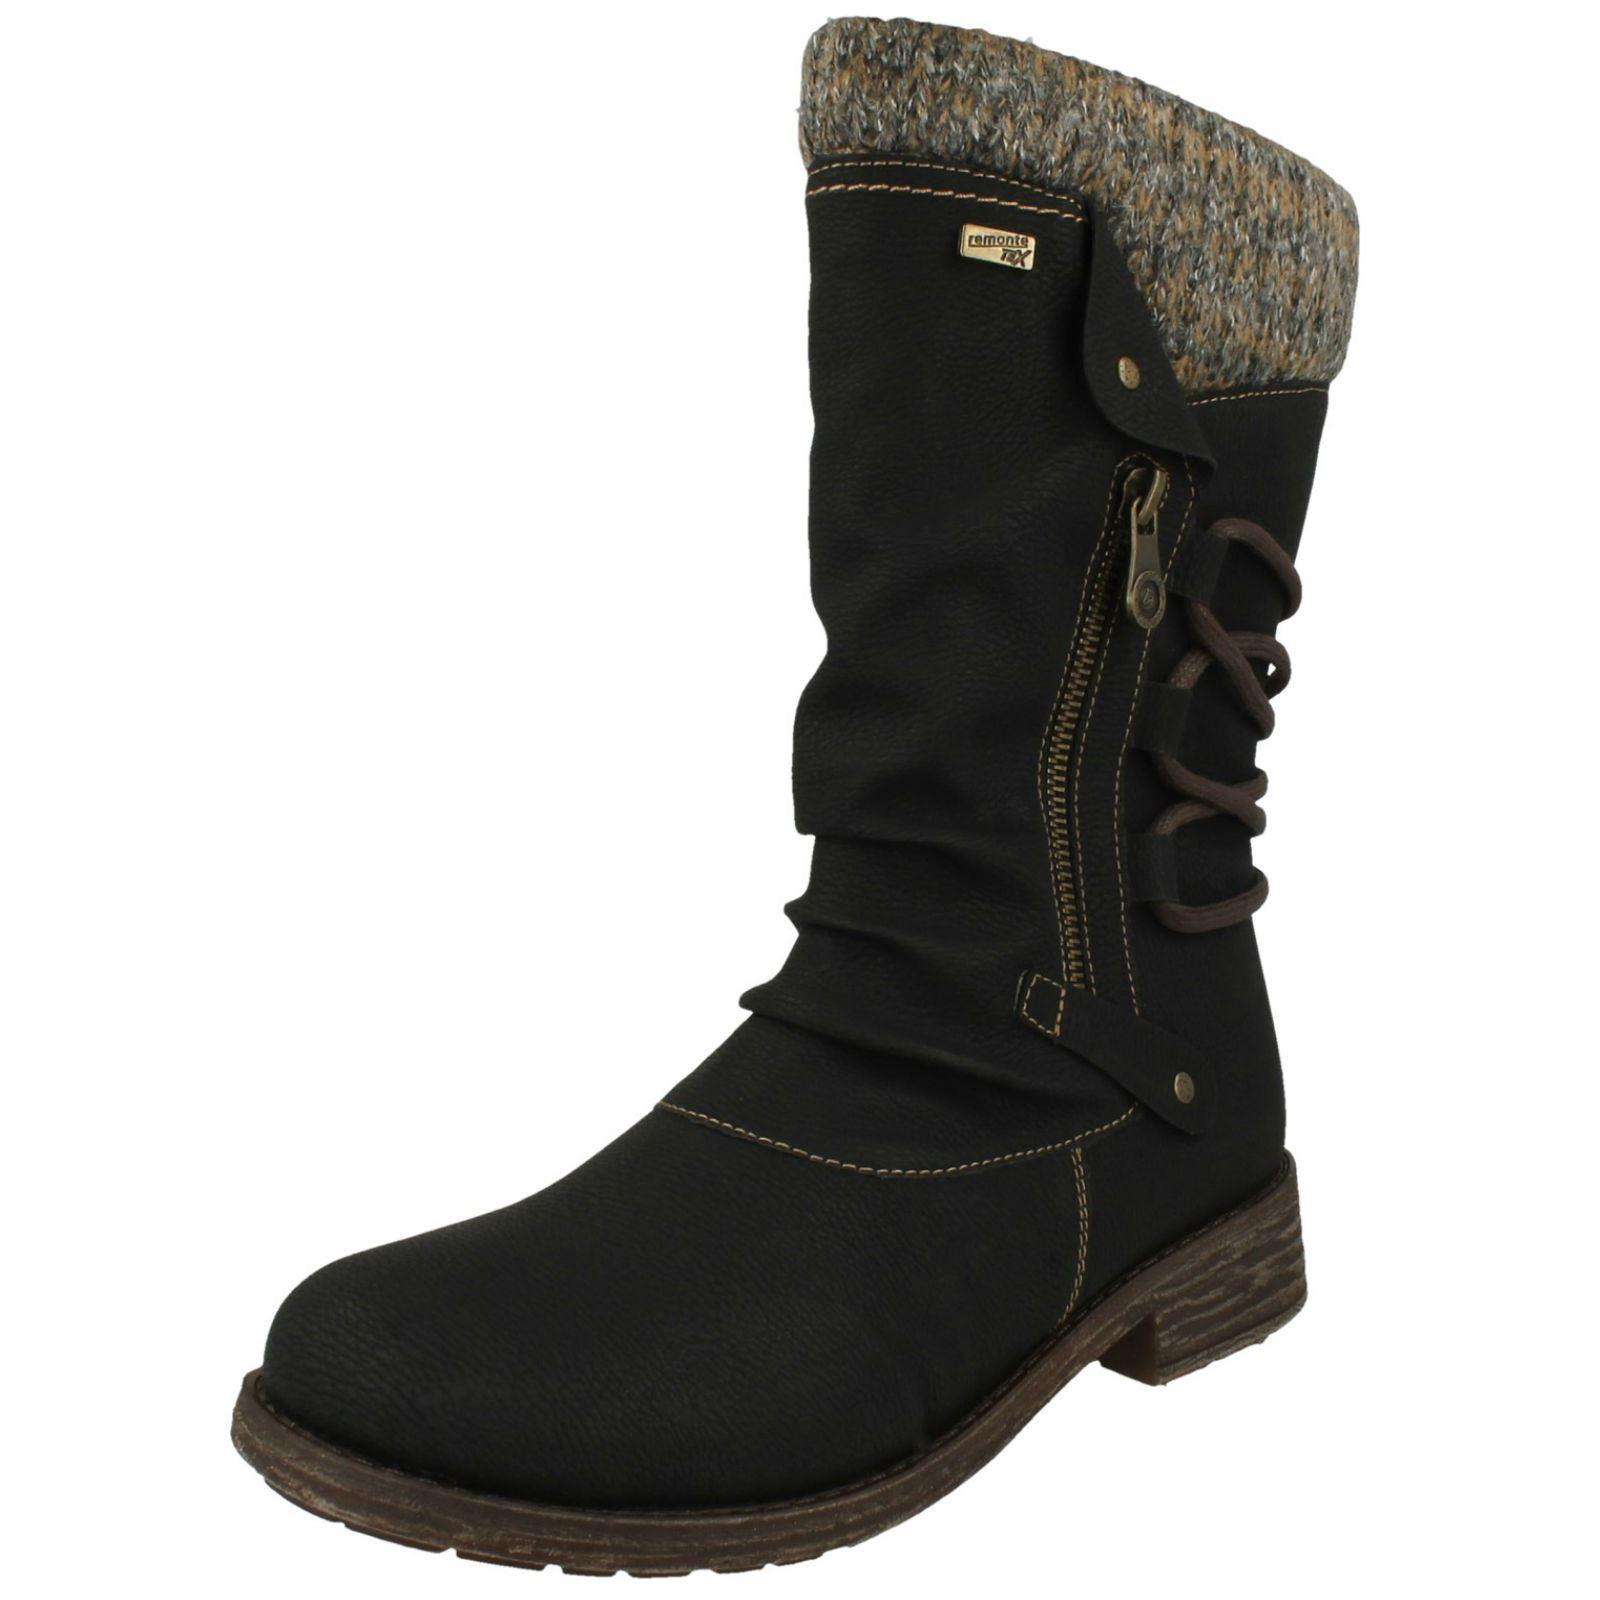 Stiefel Gefüttert D8070 Damen Remonte Tex Remonte Tex Warm